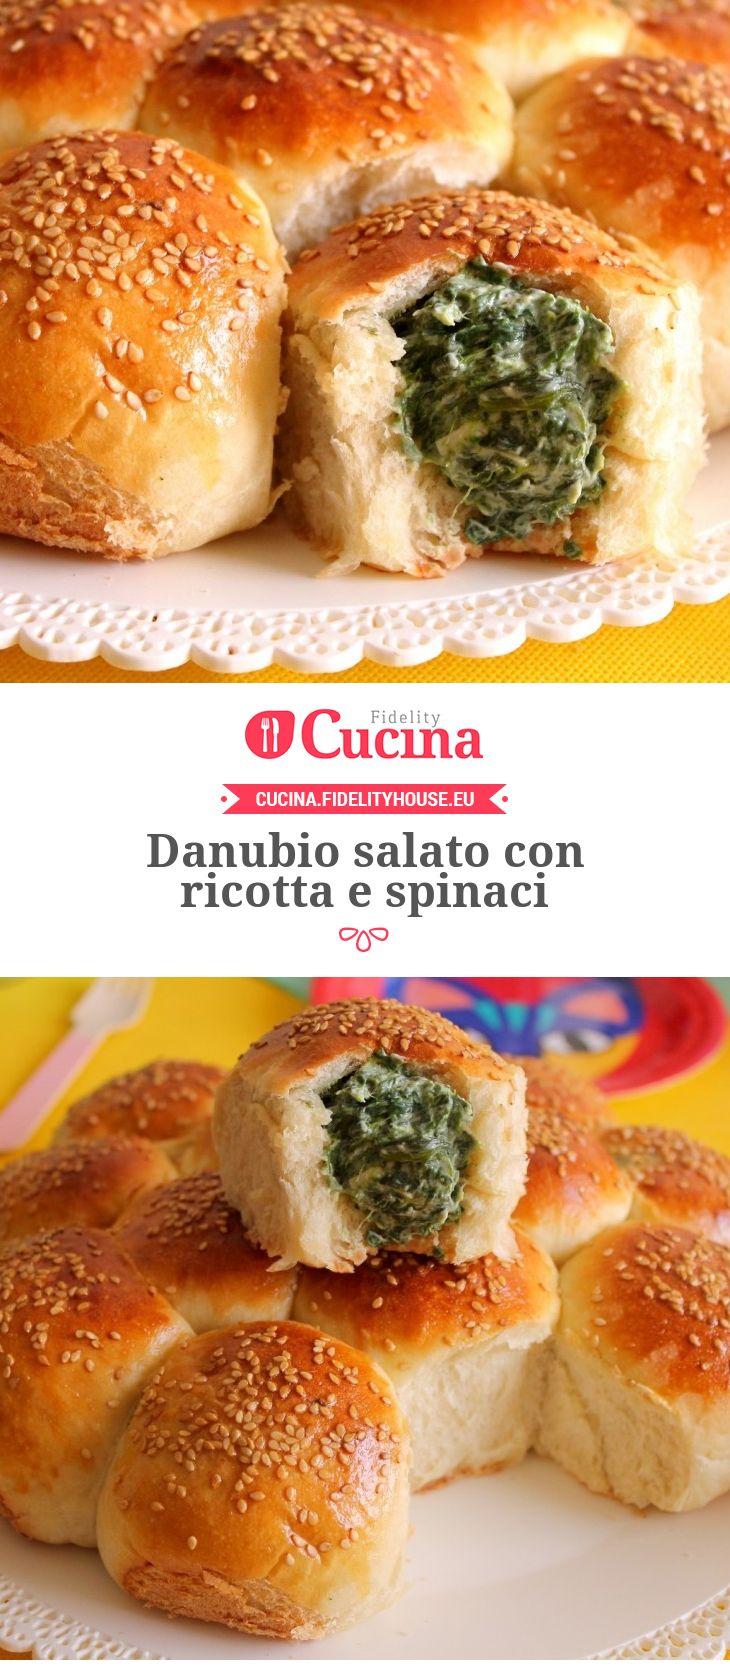 Danubio salato con ricotta e spinaci